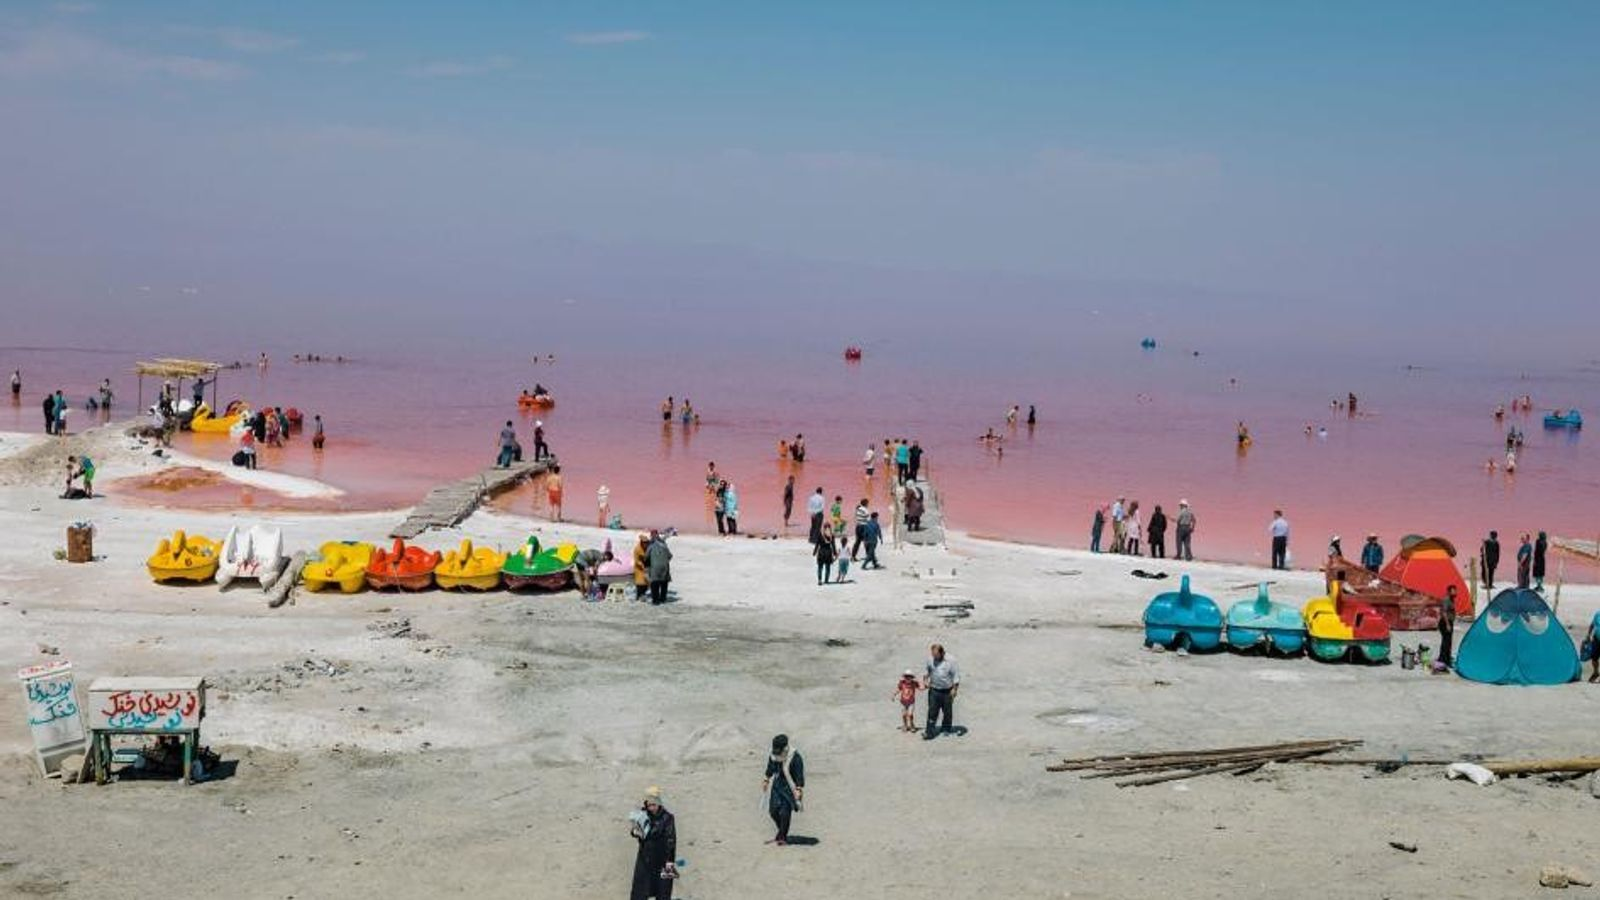 Les baigneurs pataugent dans les eaux colorées de rouge par des bactéries et des algues. Des ...